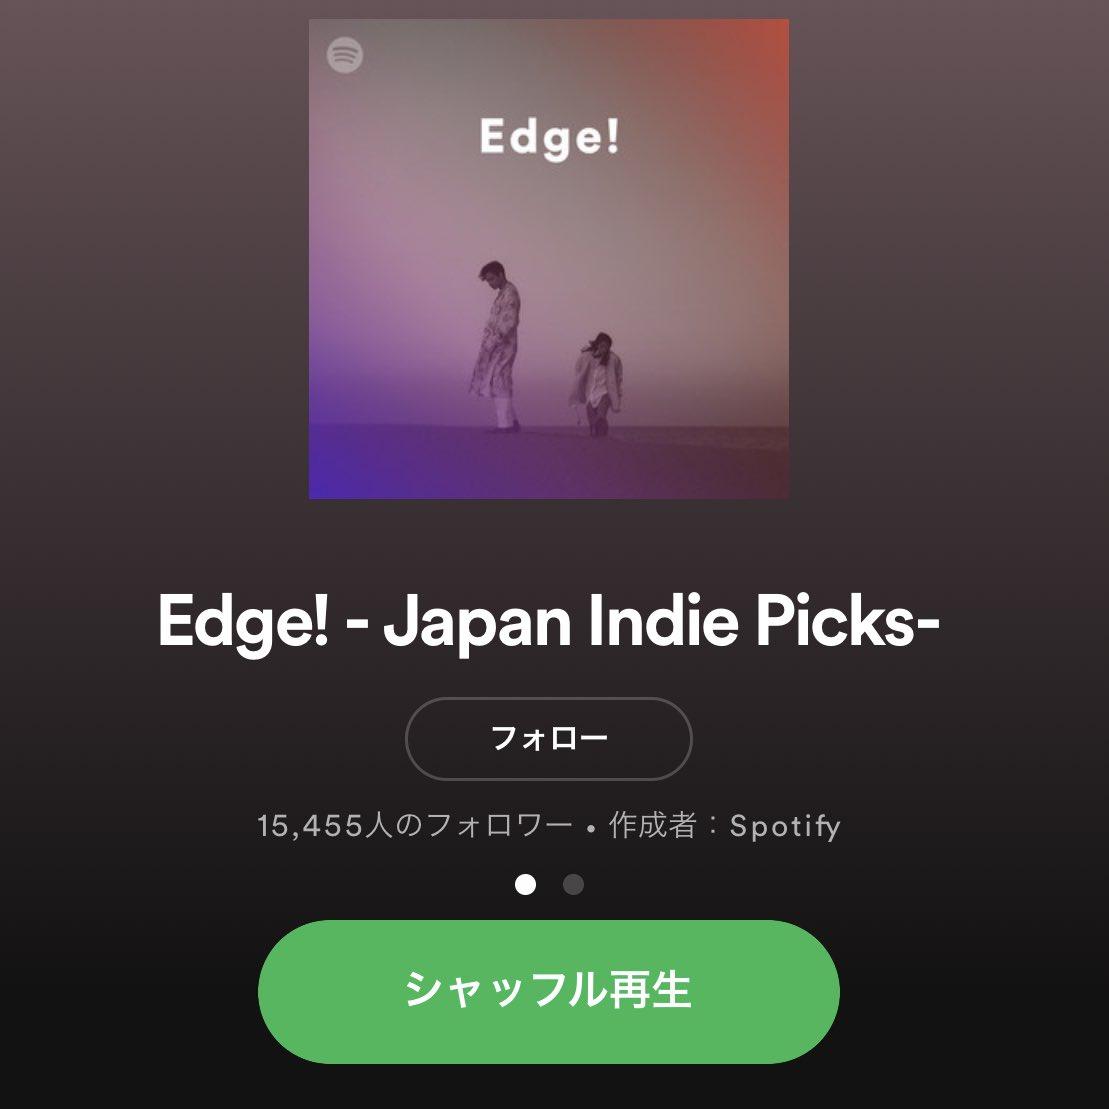 Spotify公式プレイリスト